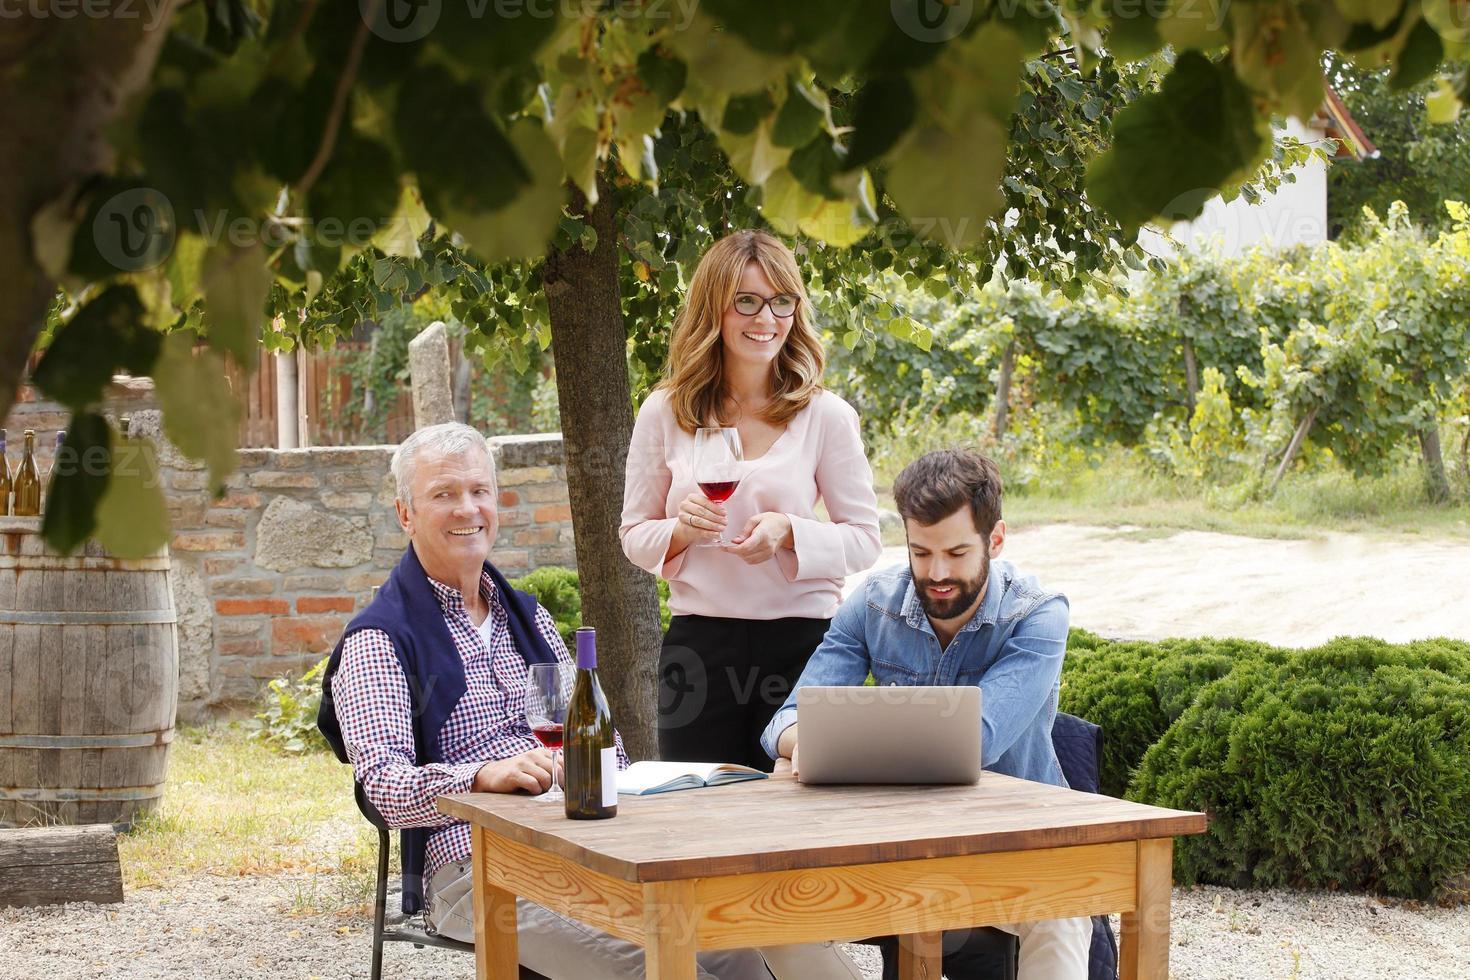 retrato de família do comerciante de vinhos foto